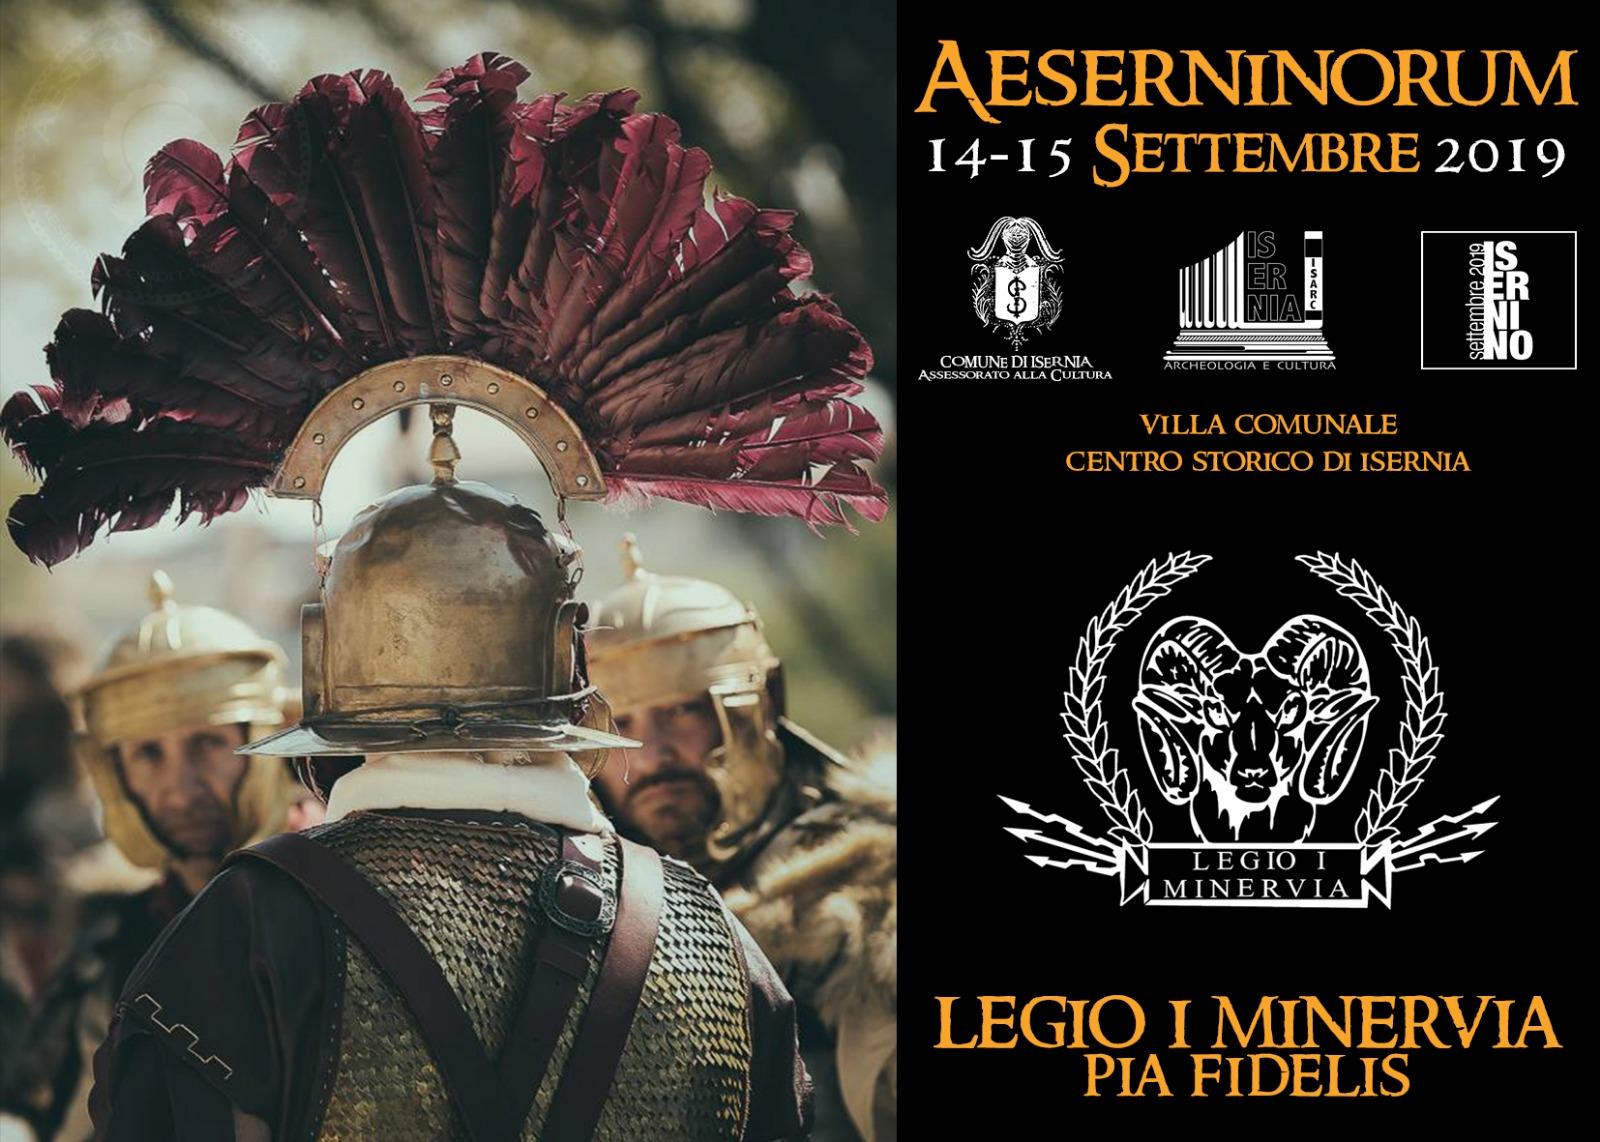 Aeserninorum edizione 2019, il programma ufficiale della manifestazione.